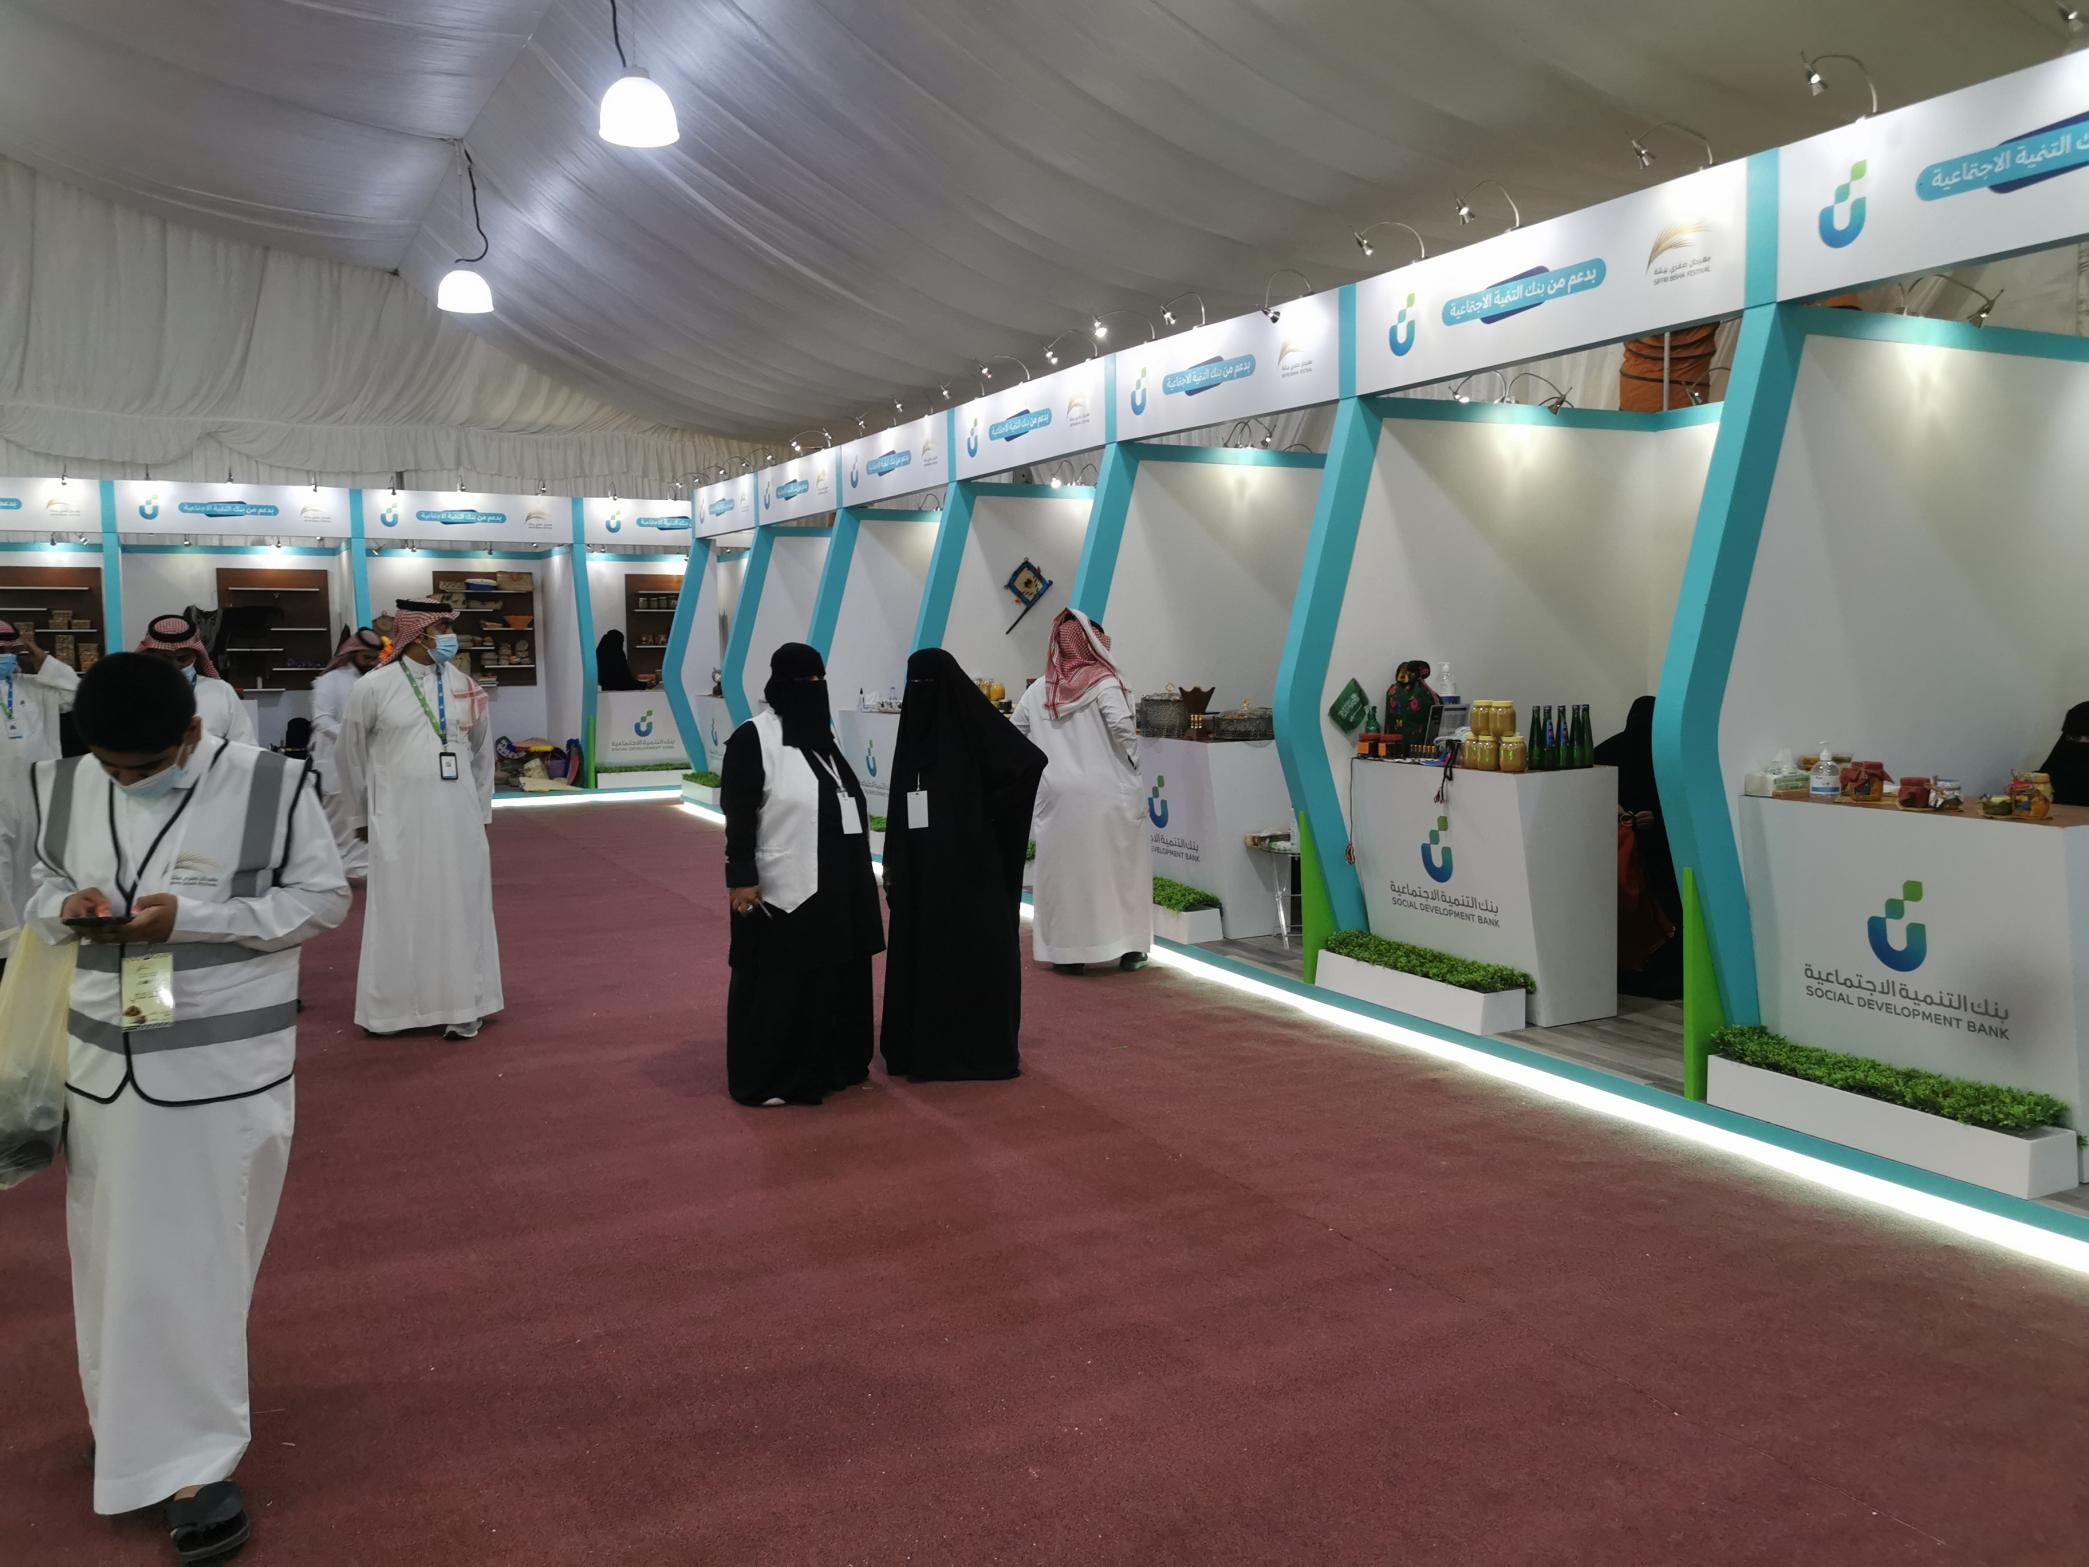 فعاليات متنوعة في مهرجان صفري بيشة التاسع - المواطن